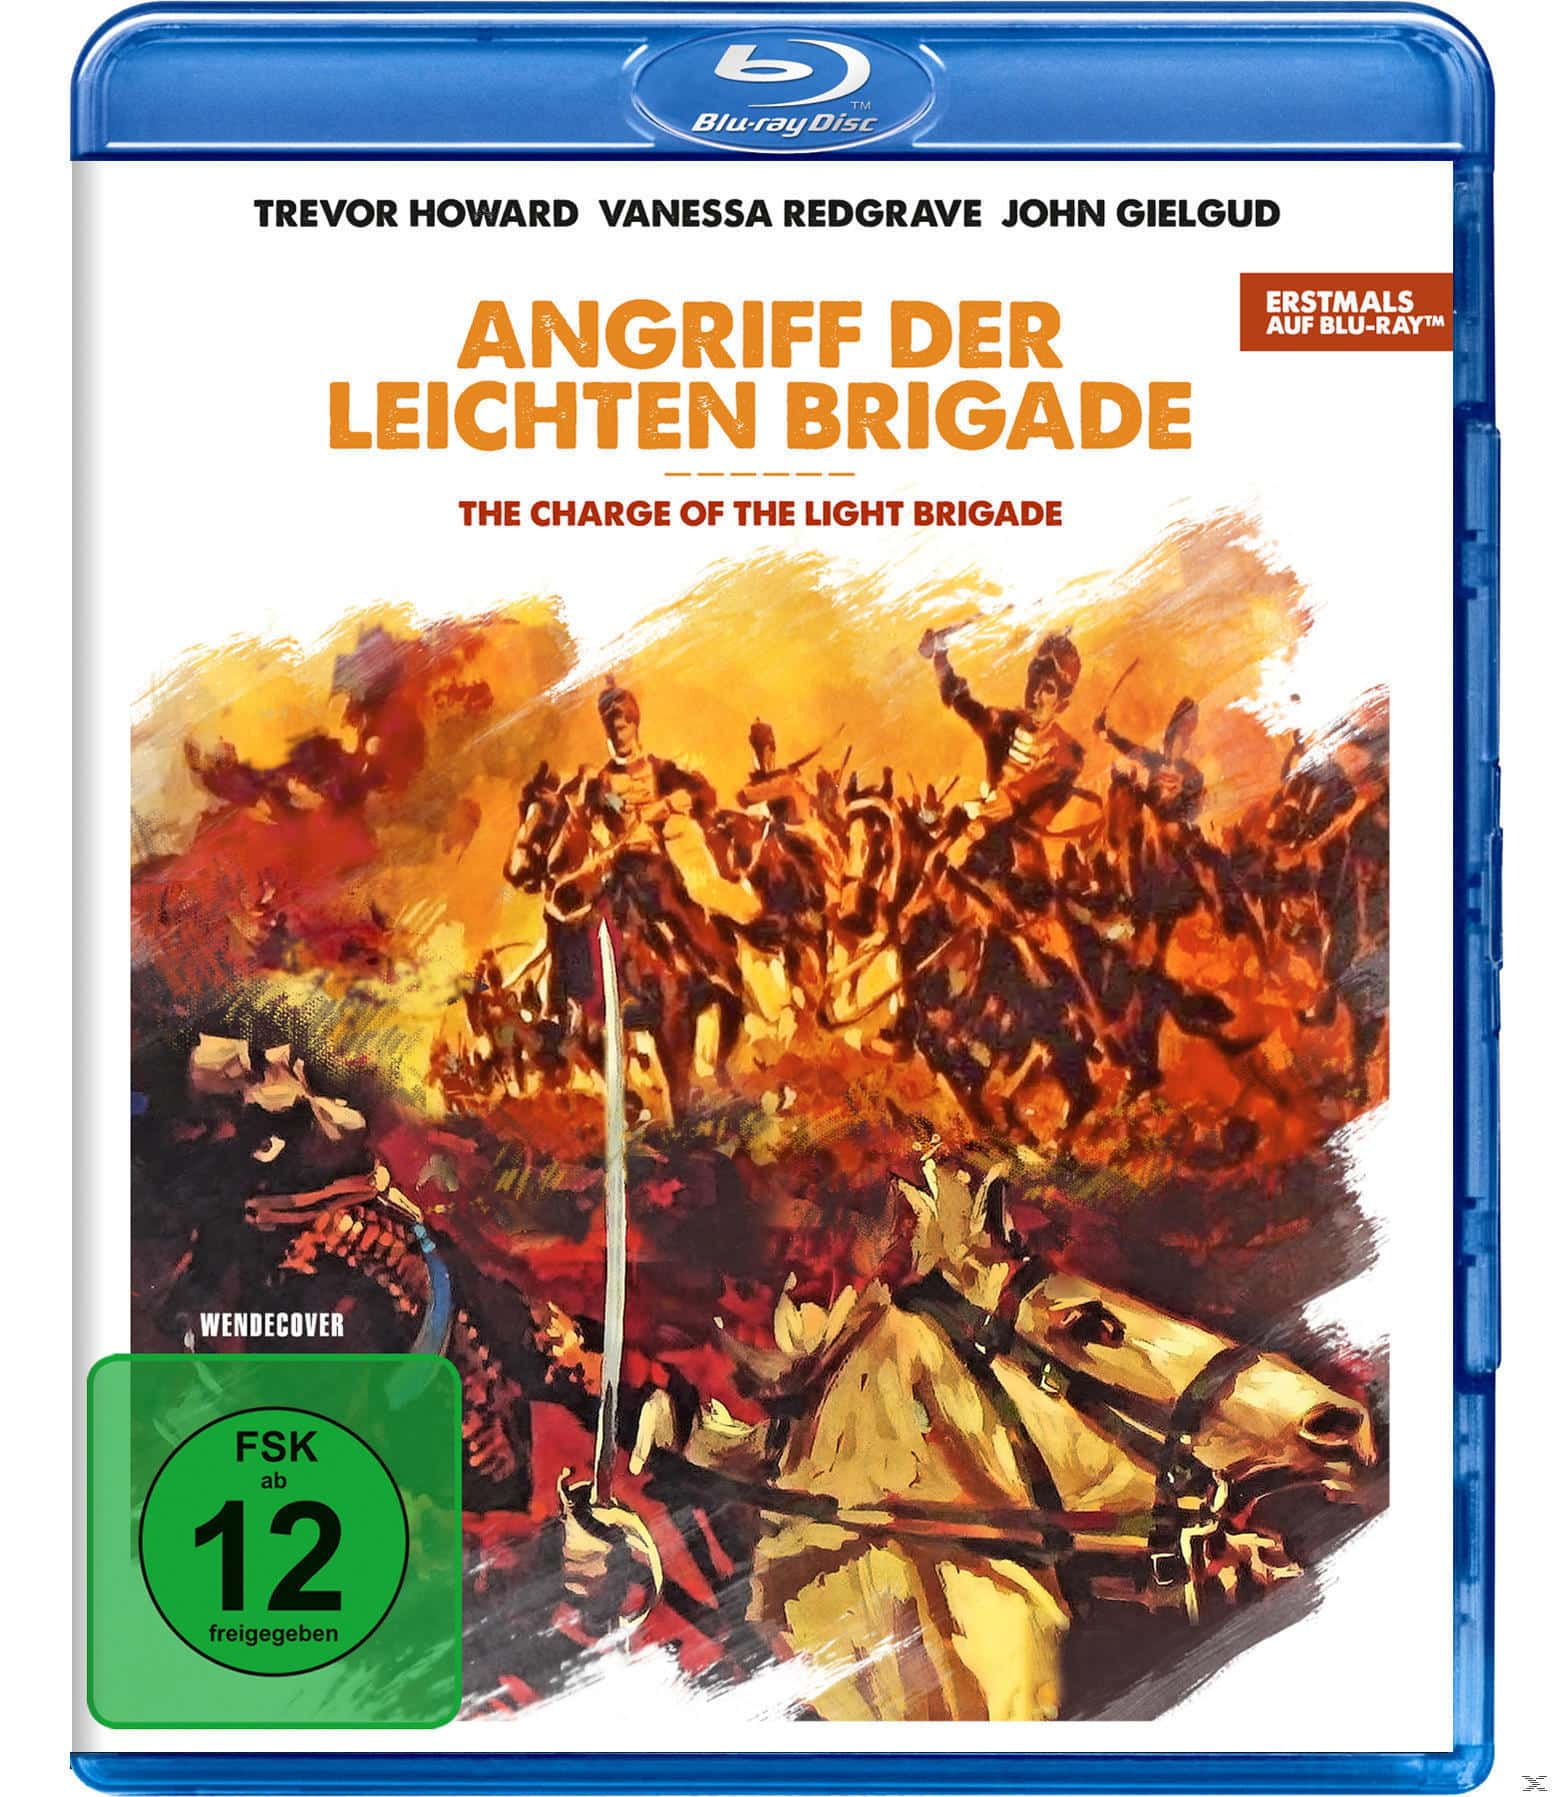 Der Angriff der leichten Brigade (BLU-RAY) für 9,99 Euro